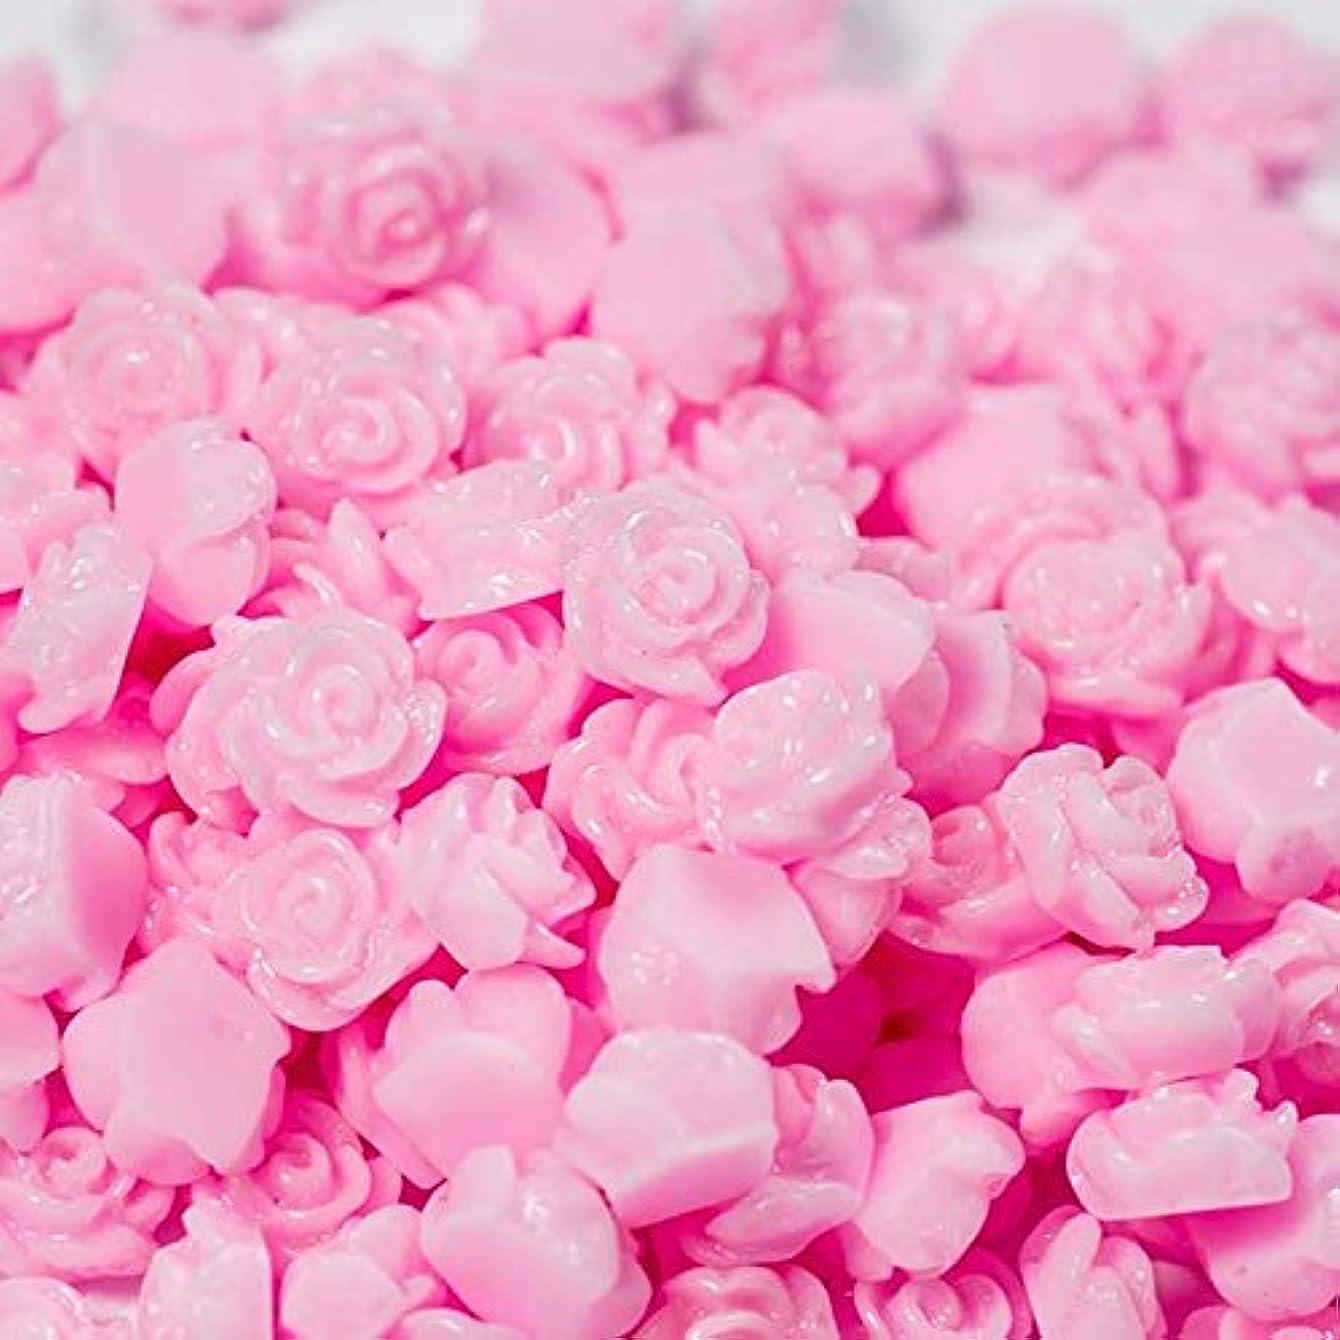 良性冷淡な比率【クラフトパーツのチェロ cb06-chr 】 ミニミニフラワーカボション バラ チェリーピンク 10個セット 3.0mm